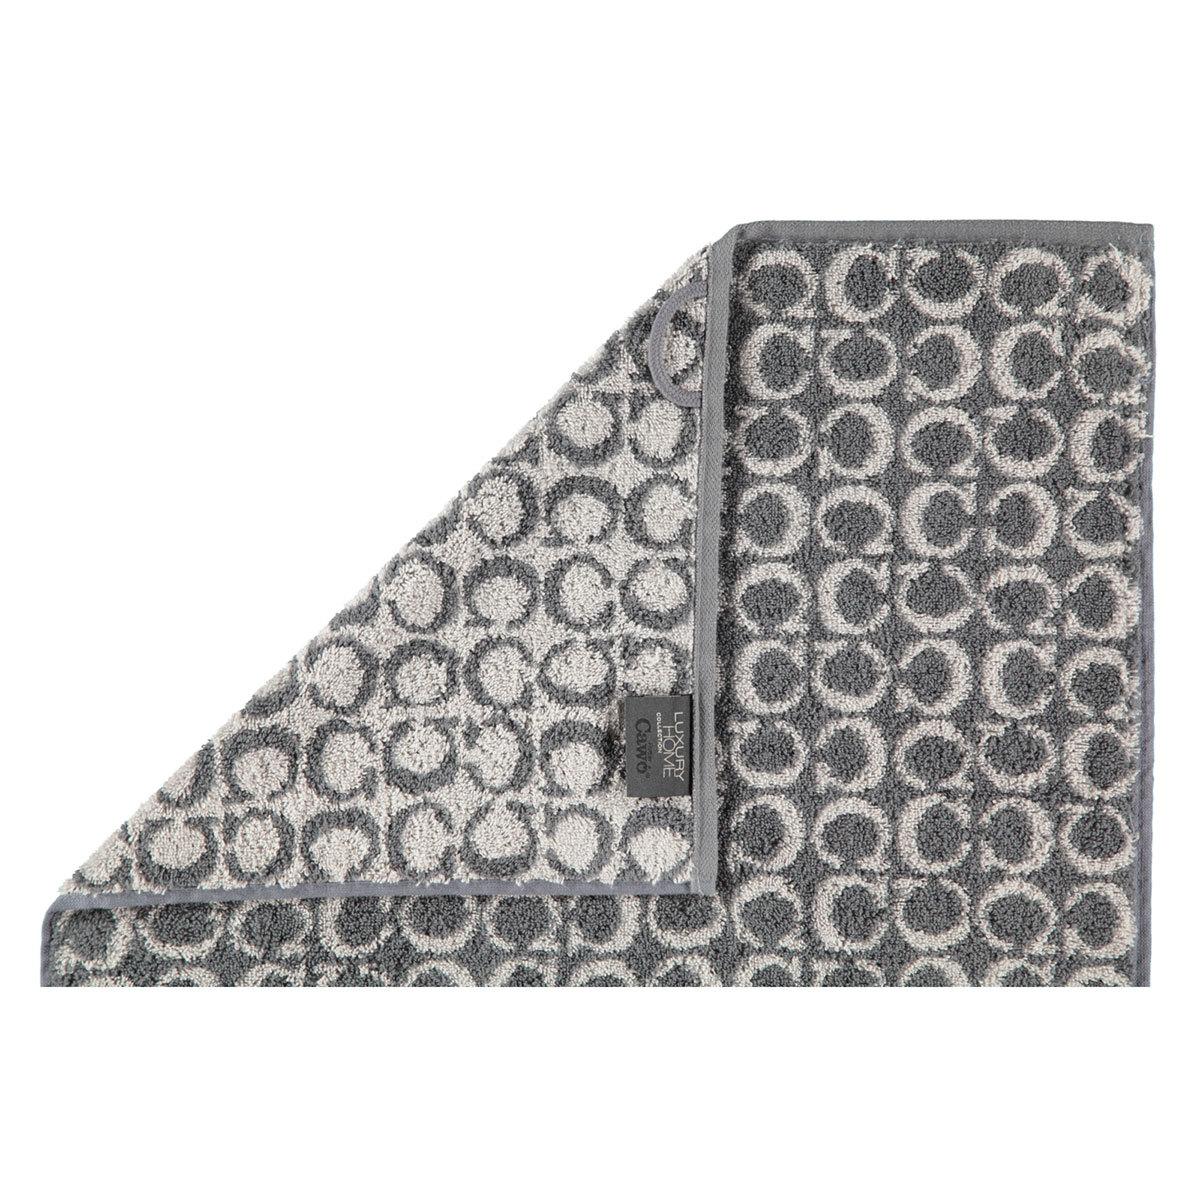 caw handt cher 605 two tone c allover schiefer g nstig online kaufen bei bettwaren shop. Black Bedroom Furniture Sets. Home Design Ideas